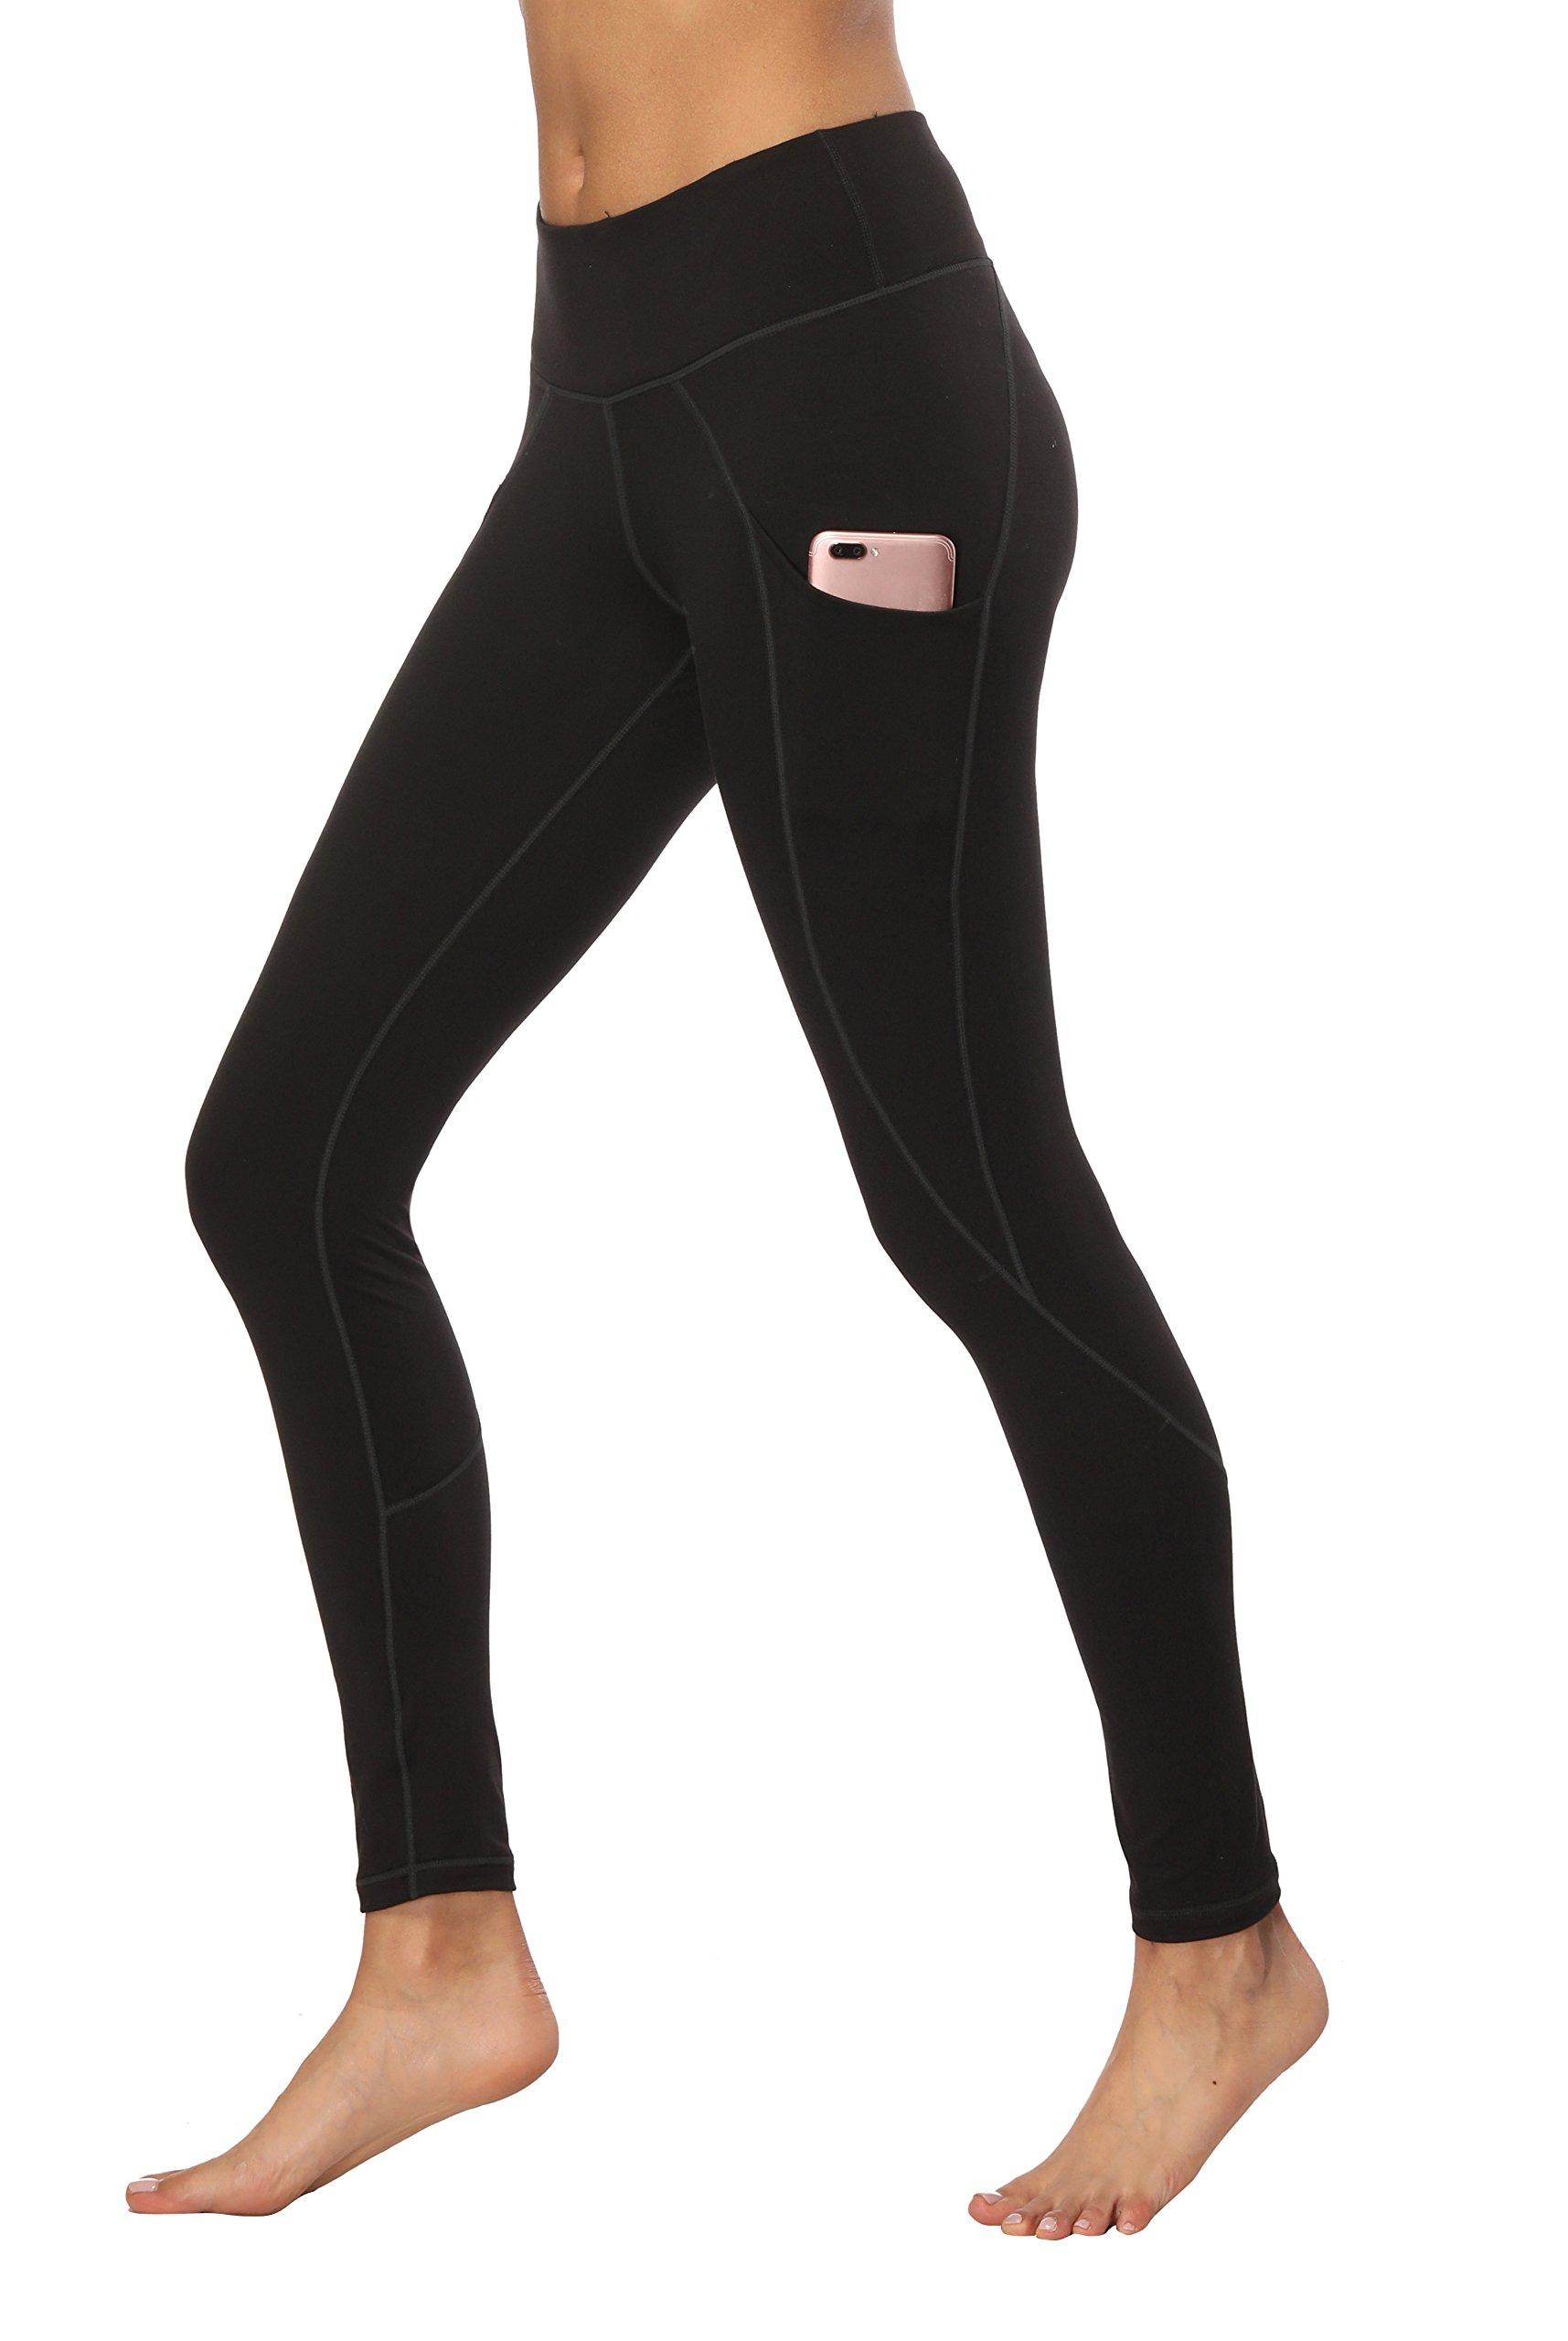 HKJIEVSHOP Women's Pockets Yoga Pants, High Waist Yoga Pants Workout 4-Way Stretch Leggings